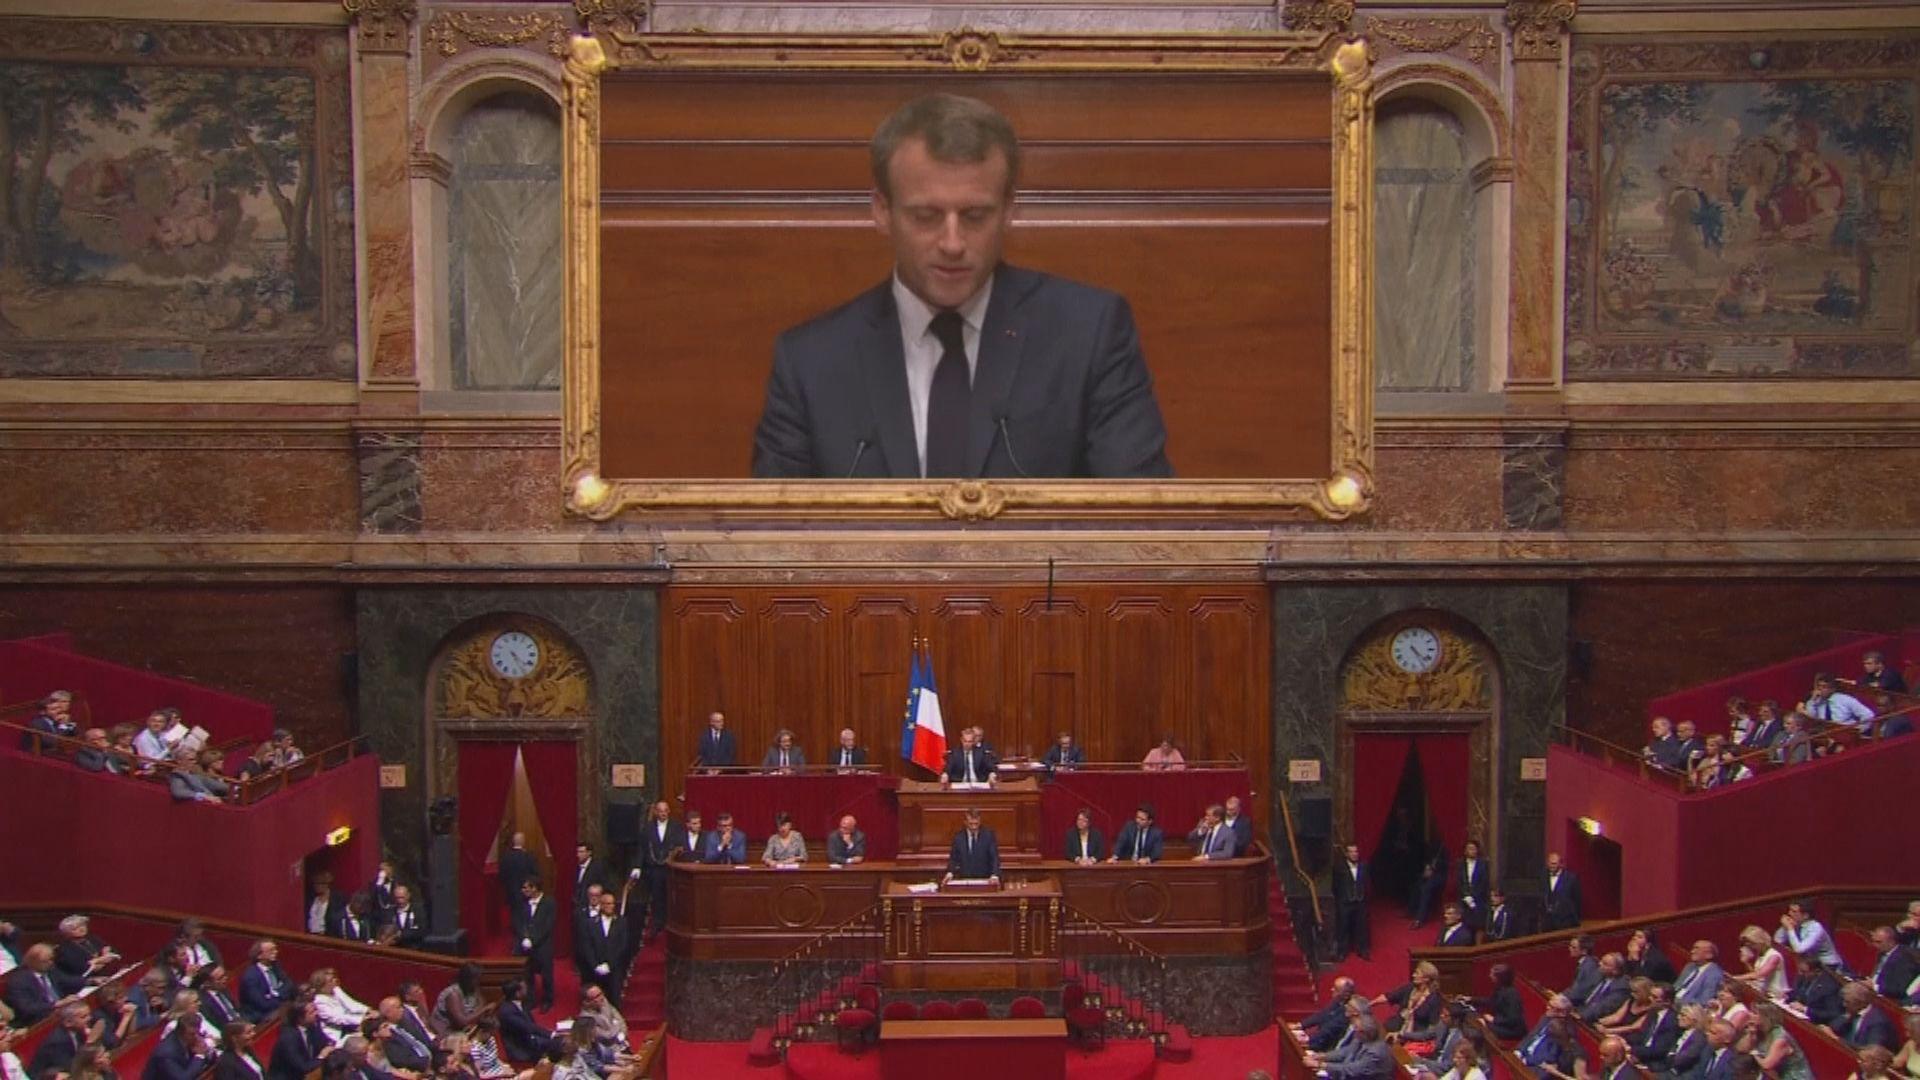 法國執政黨再有黨員退黨 馬克龍失國民議會過半優勢